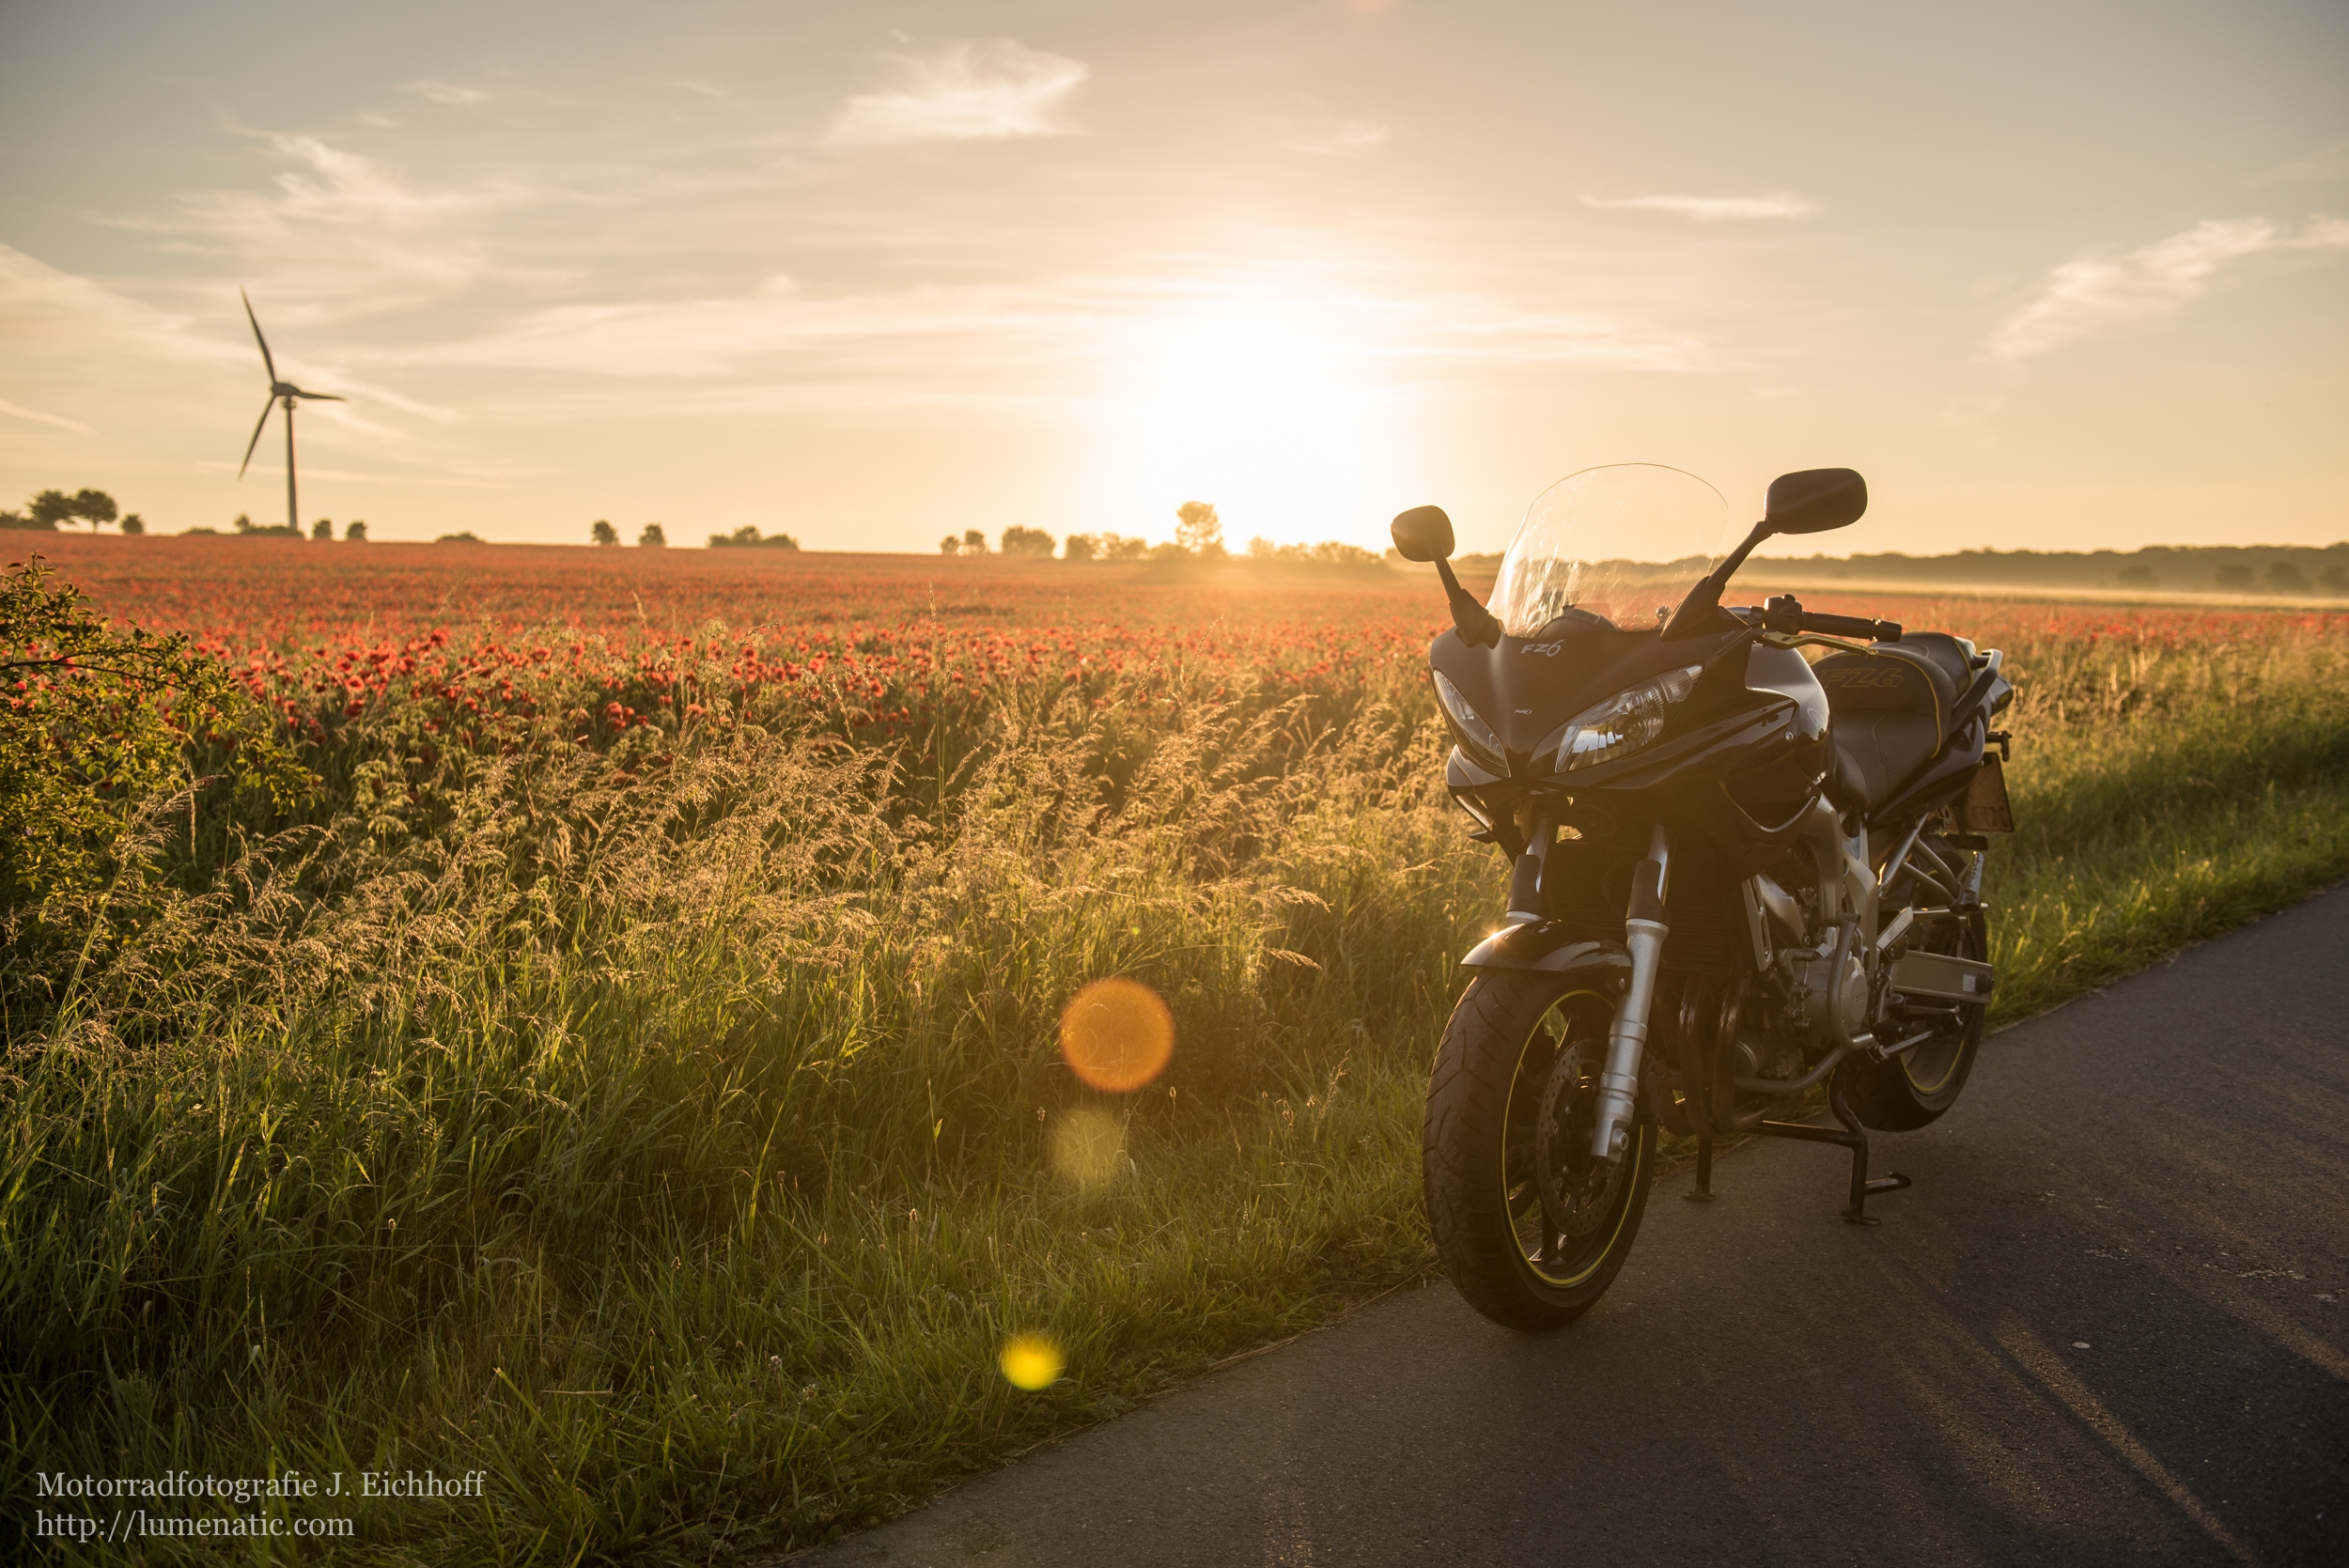 motorradshooting, shooting, motorradfotos, motorradfotografie, motorradfotograf, bikeshooting, bikefotos, motorrad, mopedbilder, fahraufnahmen, studiofotos, studiofotografie, motorrad foto, bikeportrait, produktfotografie, produktfotograf, werbefotografie